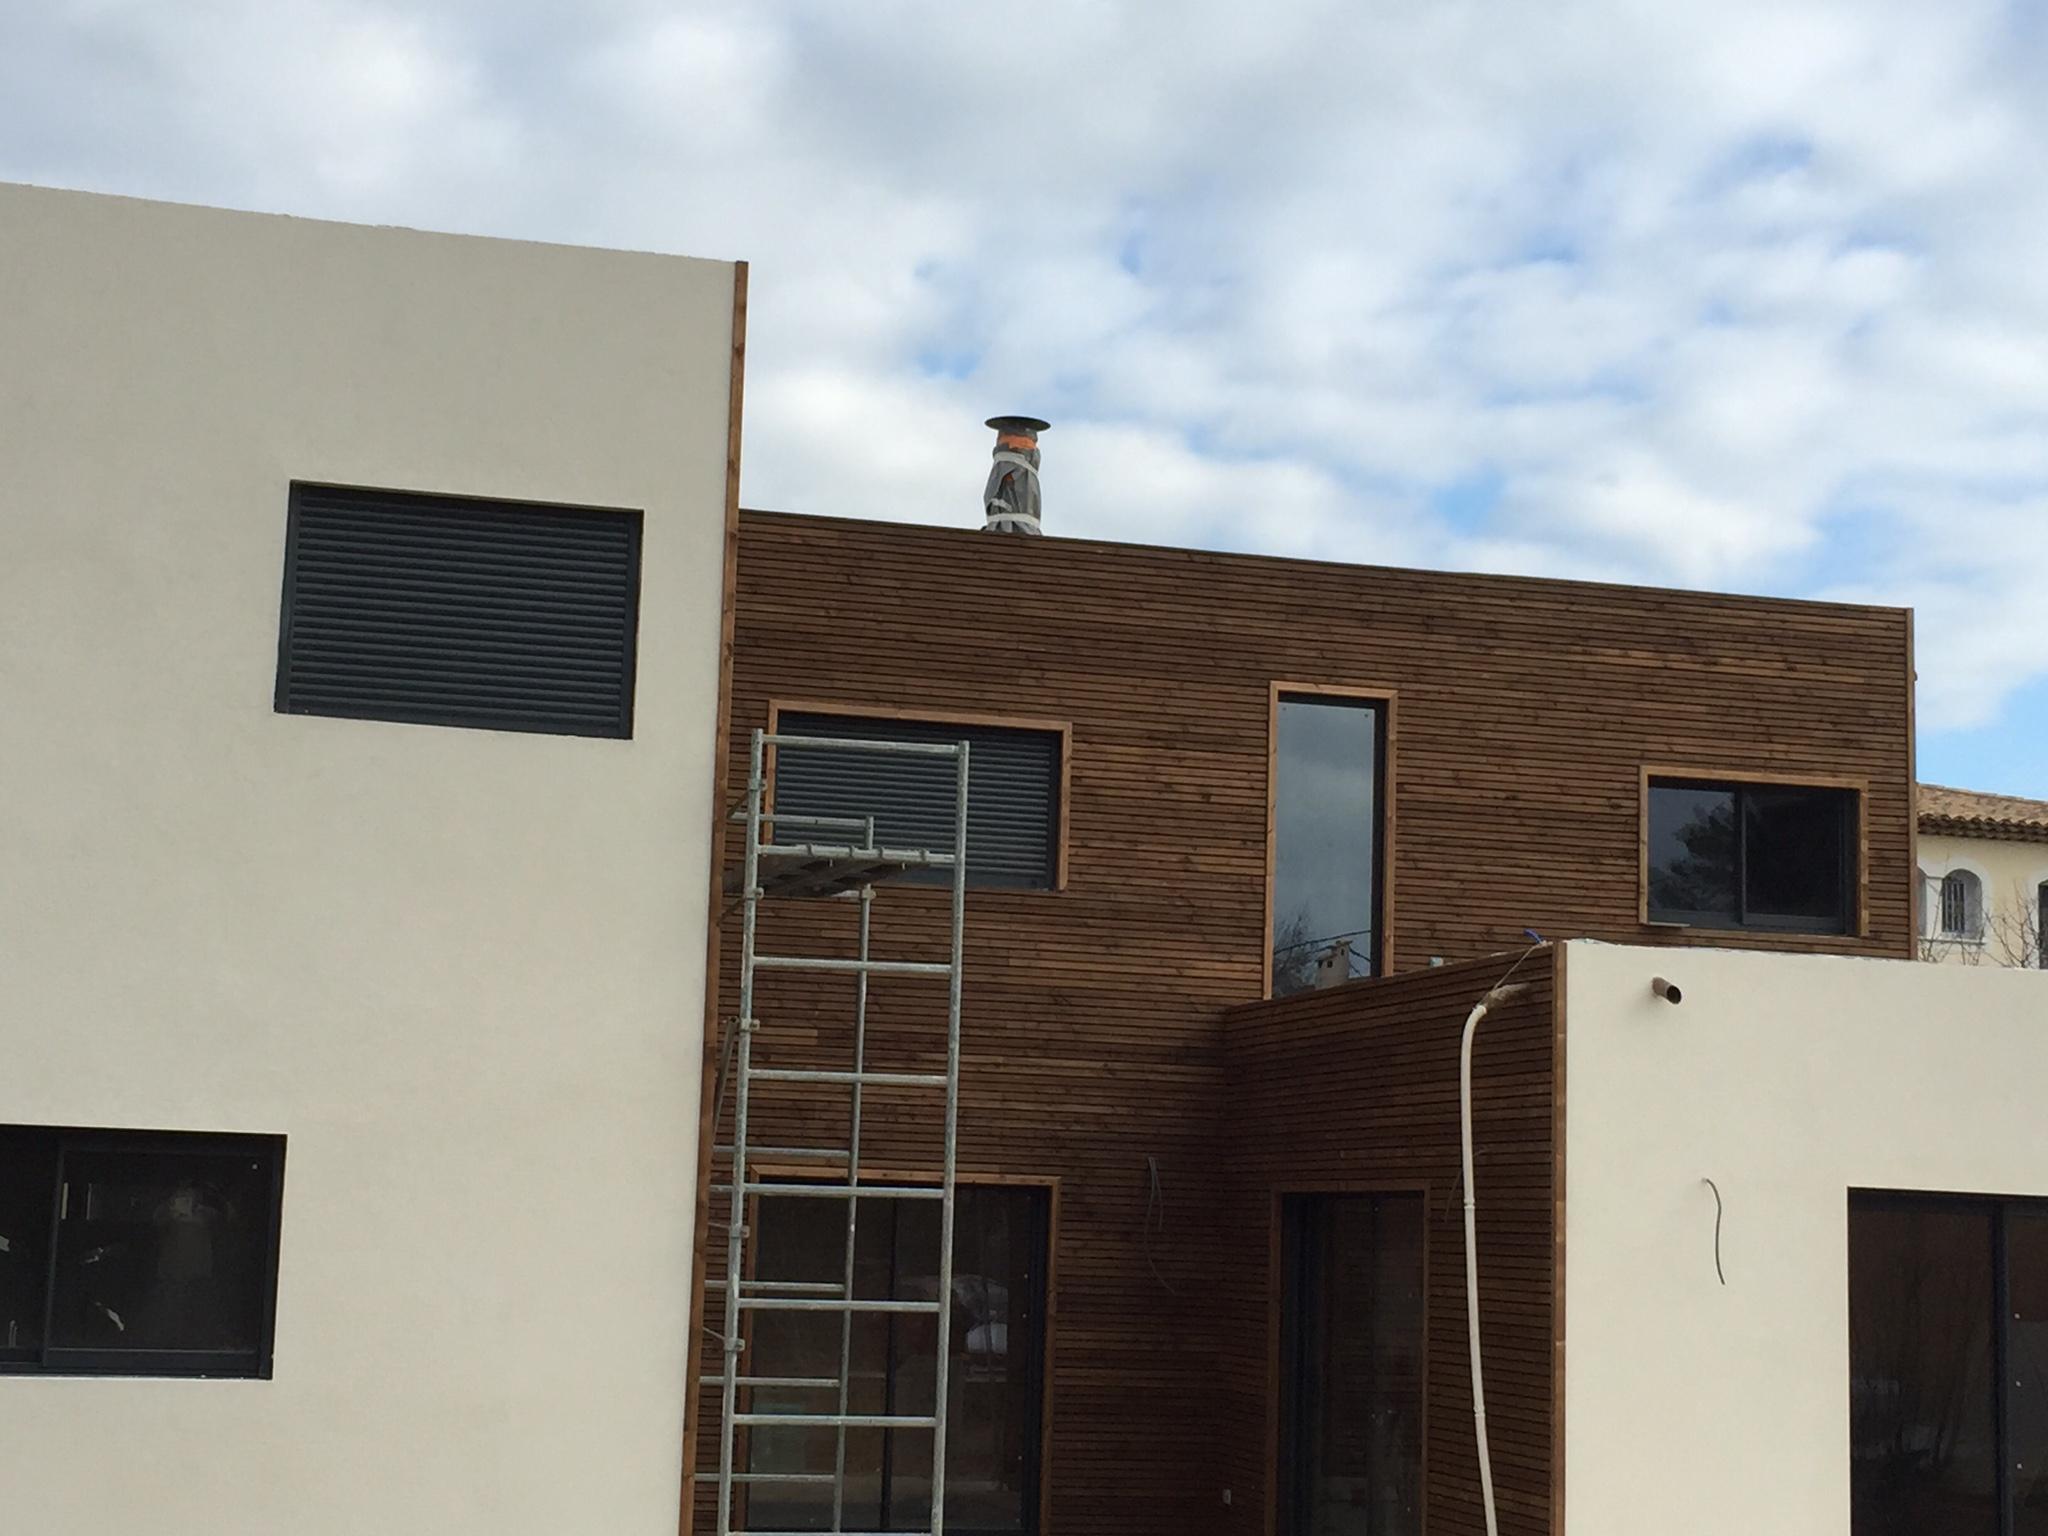 Comment d corer une maison en bois maison bois c t sud for Decorer une maison